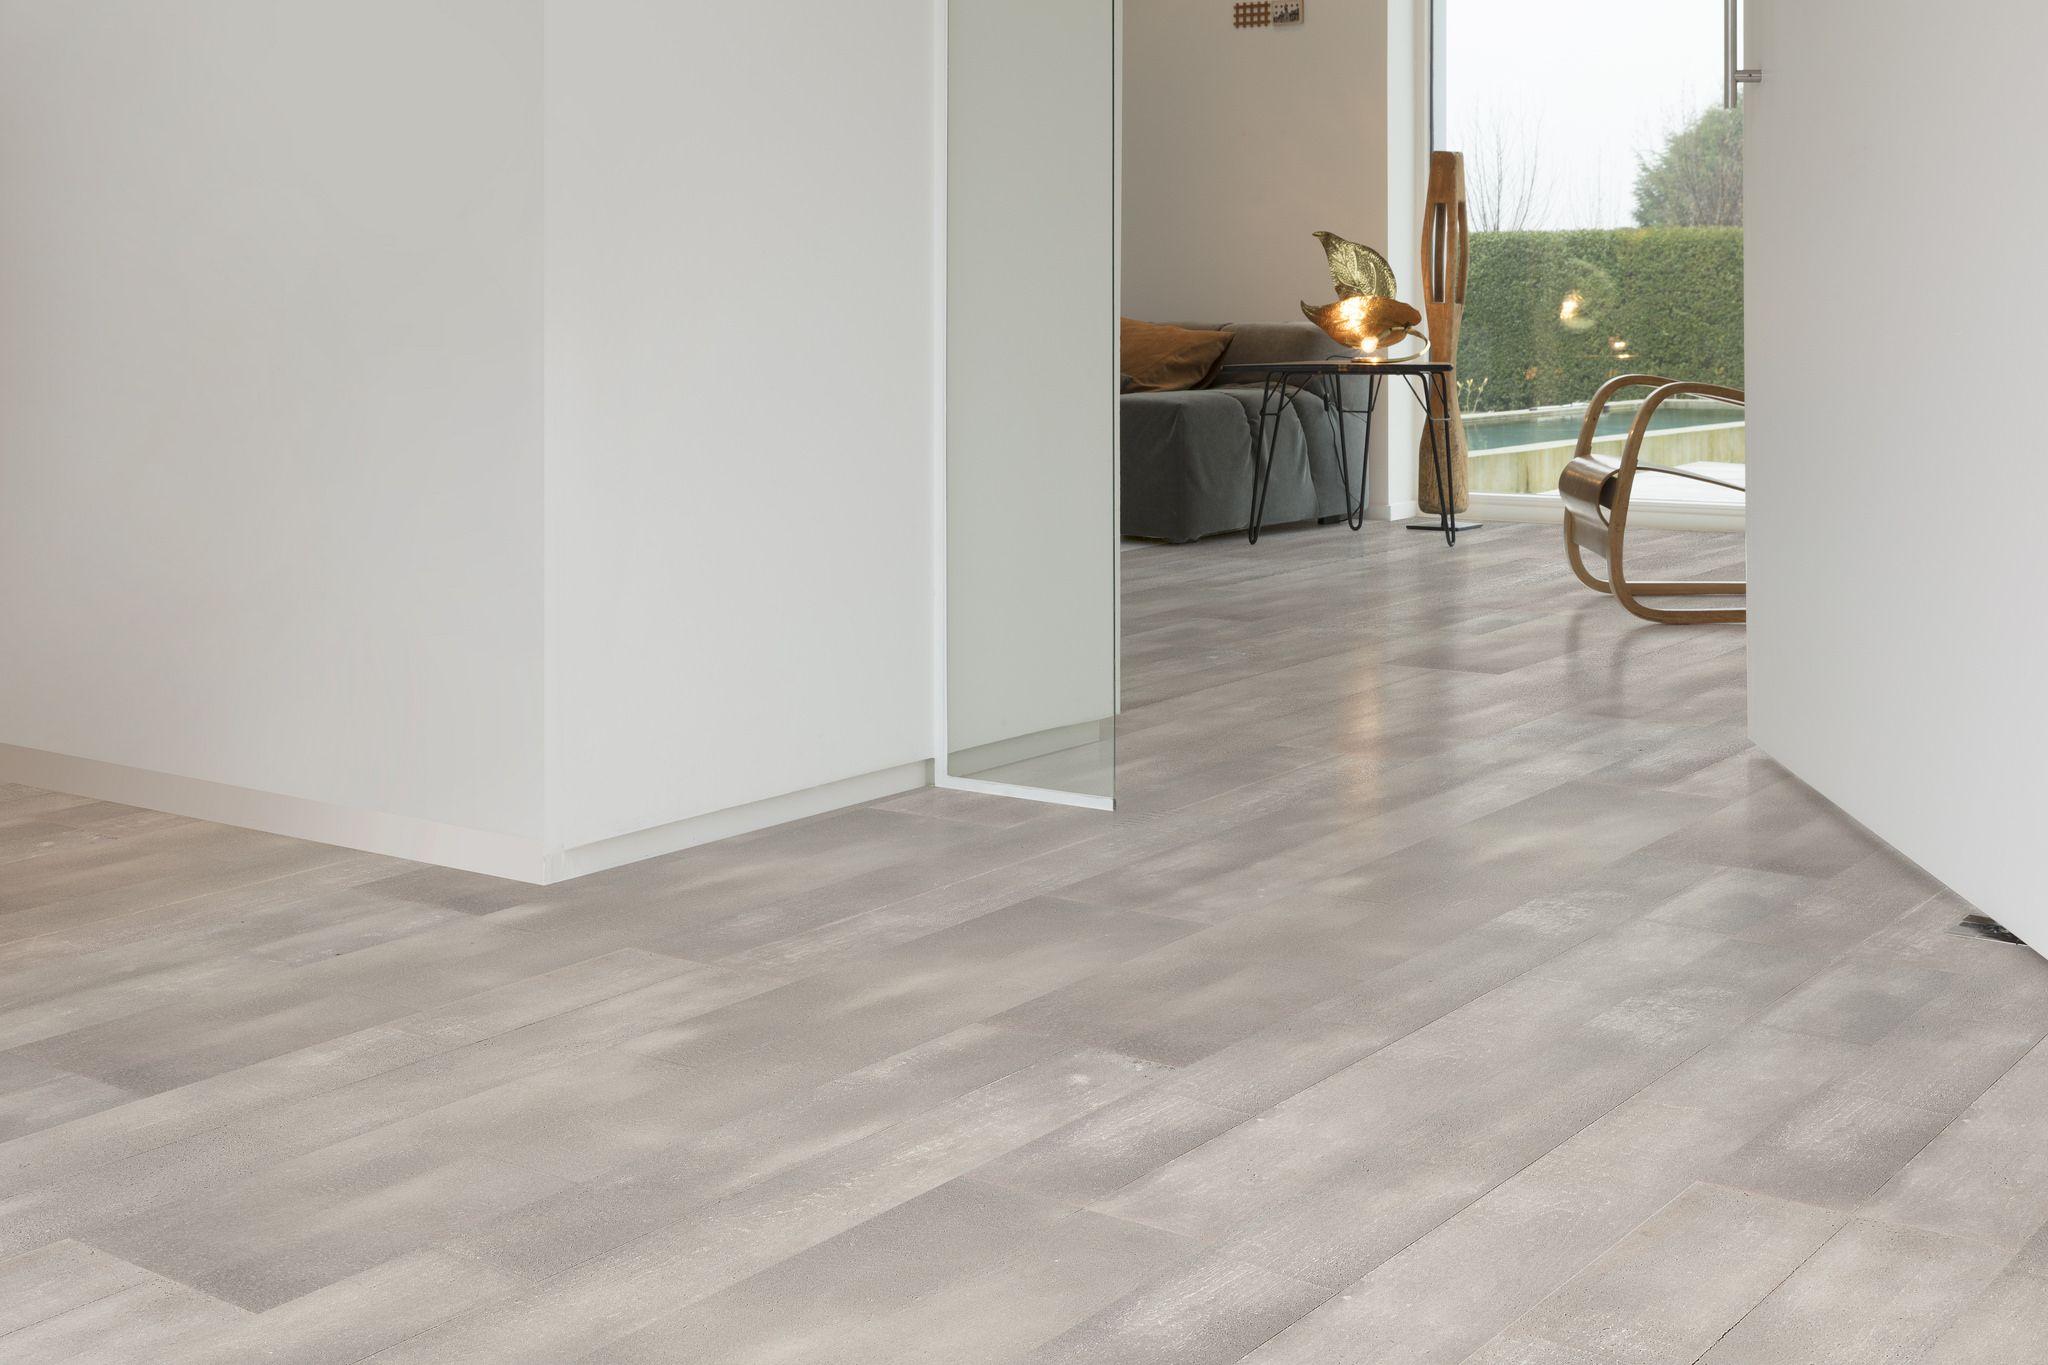 kurk met het unieke elan van een betonvloer kurk beton vloer